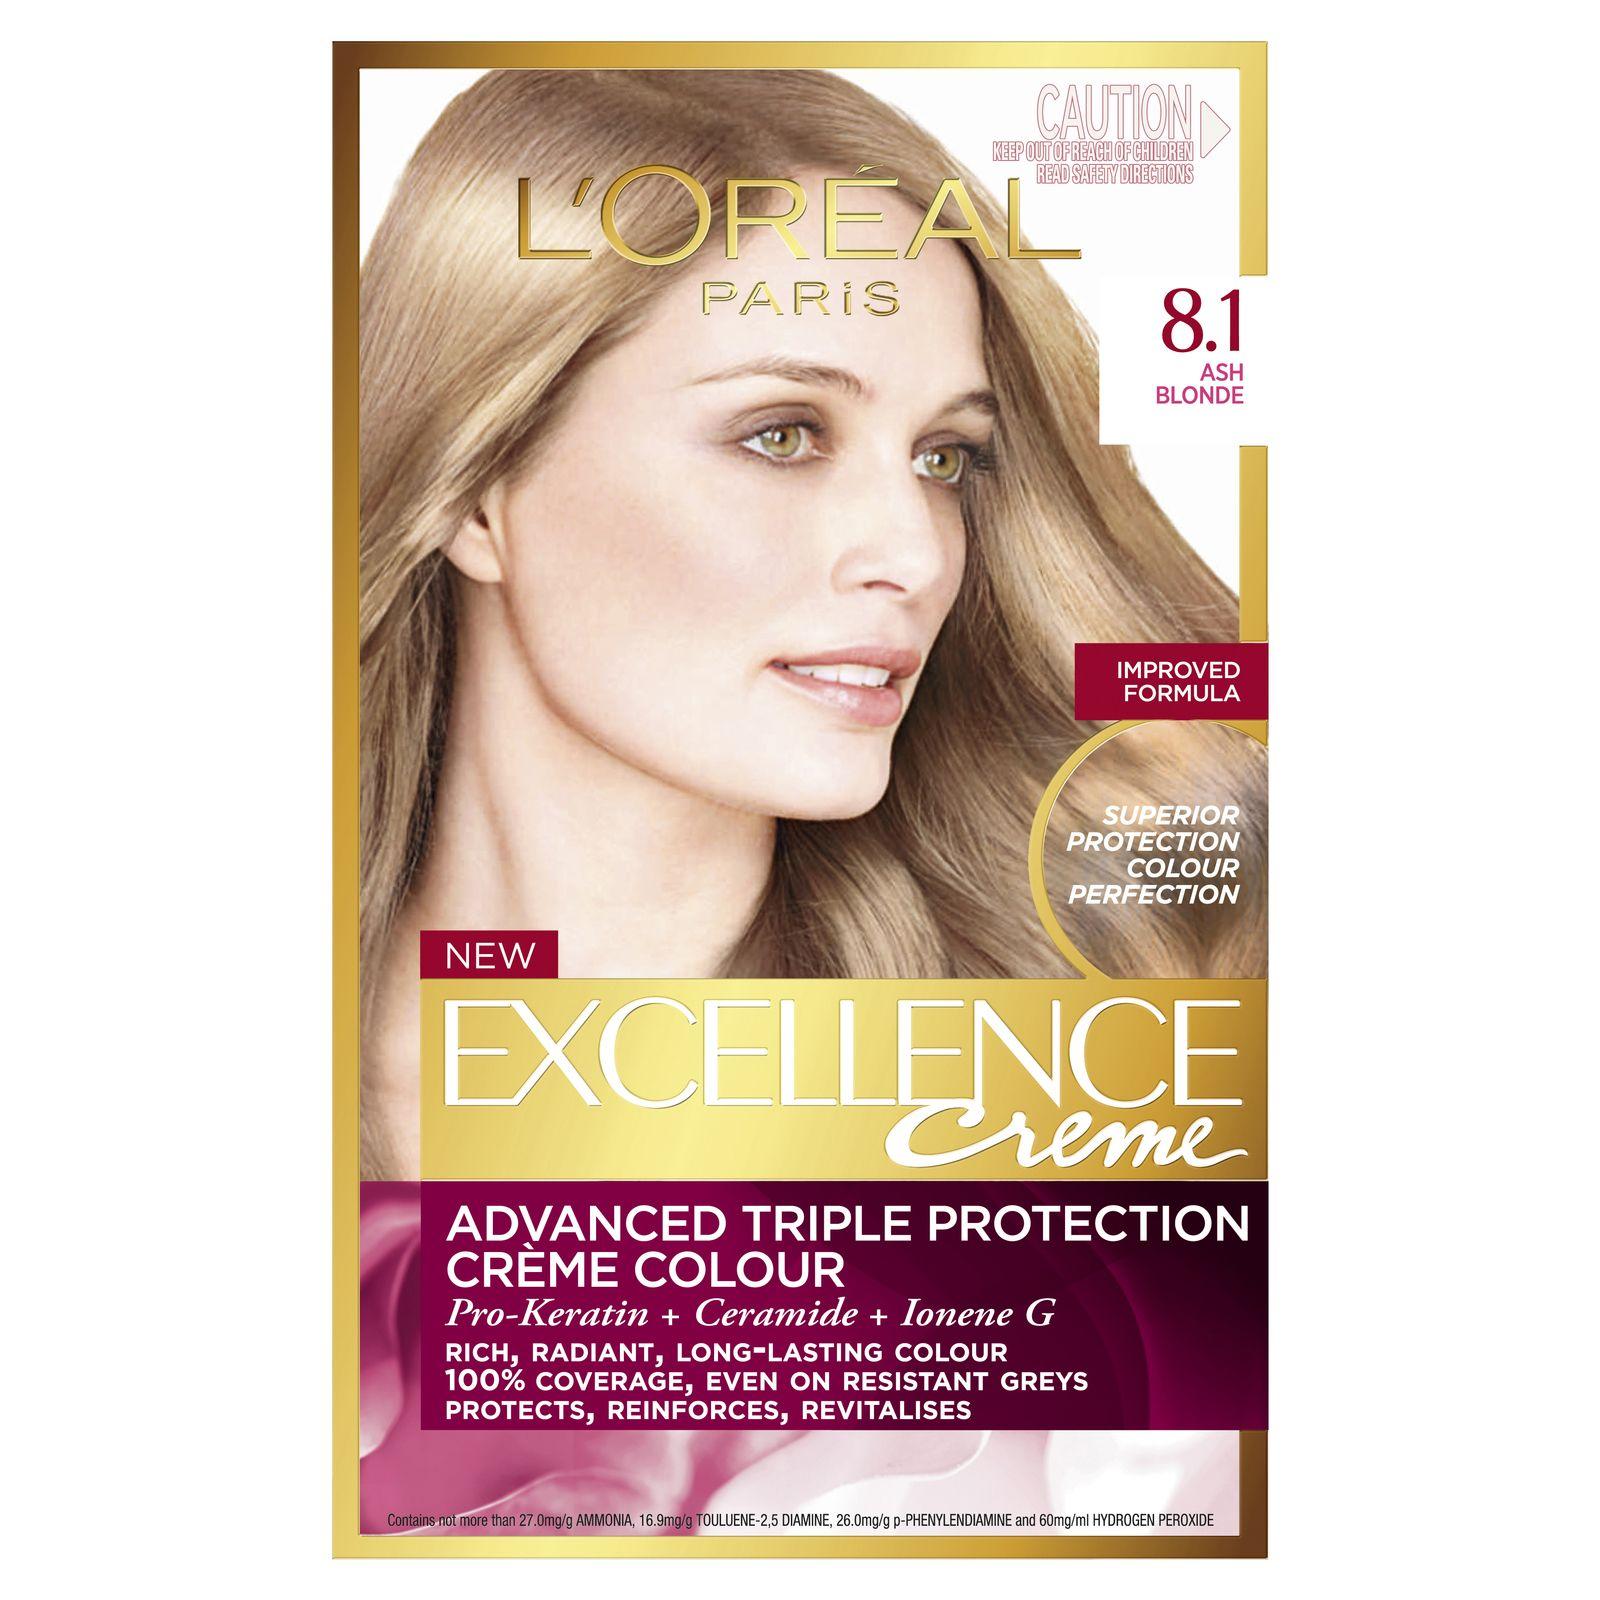 کیت رنگ مو لورآل مدل Excellence شماره 8.1 حجم 48 میلی لیتر رنگ بلوند دودی روشن main 1 1